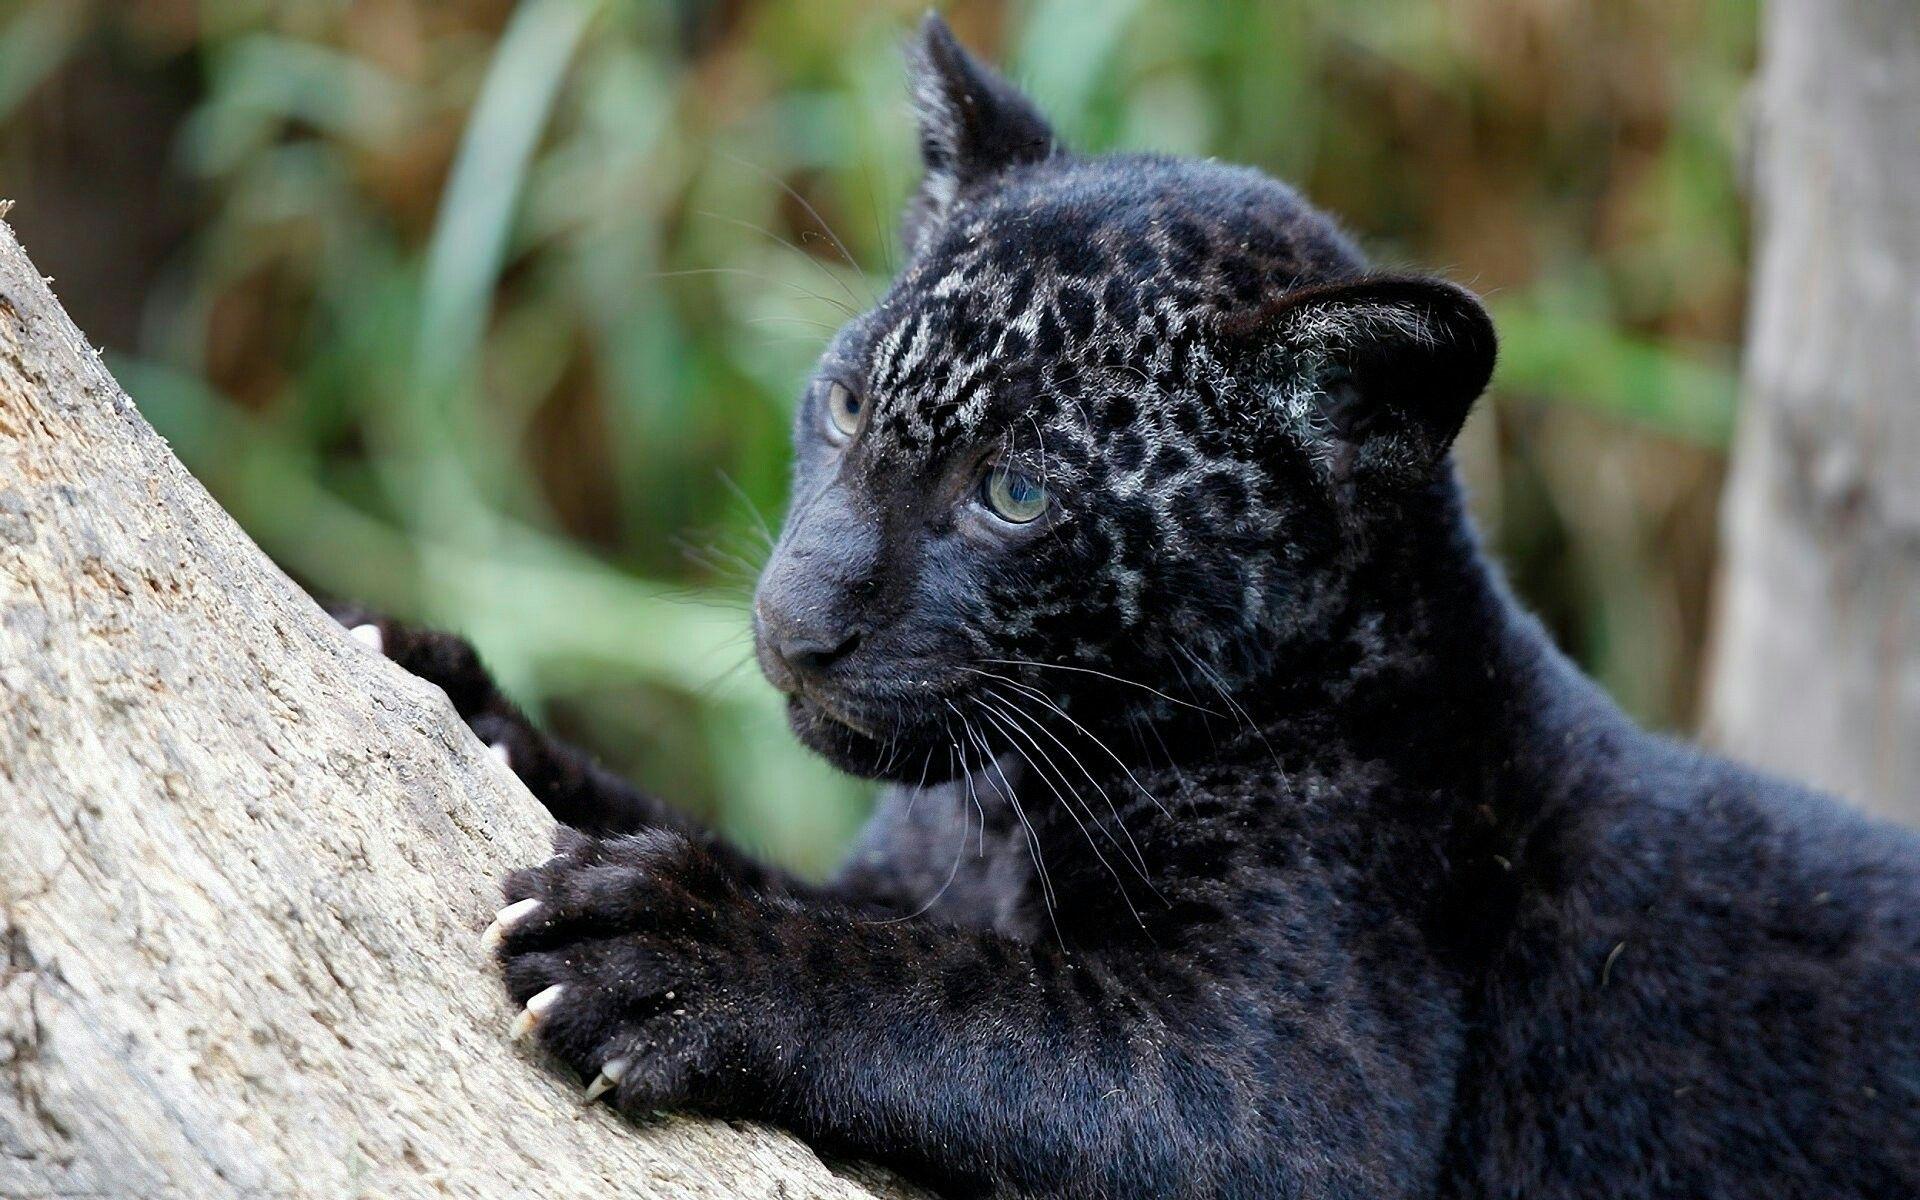 Black Leopard Baby💜 (With images) Black jaguar animal